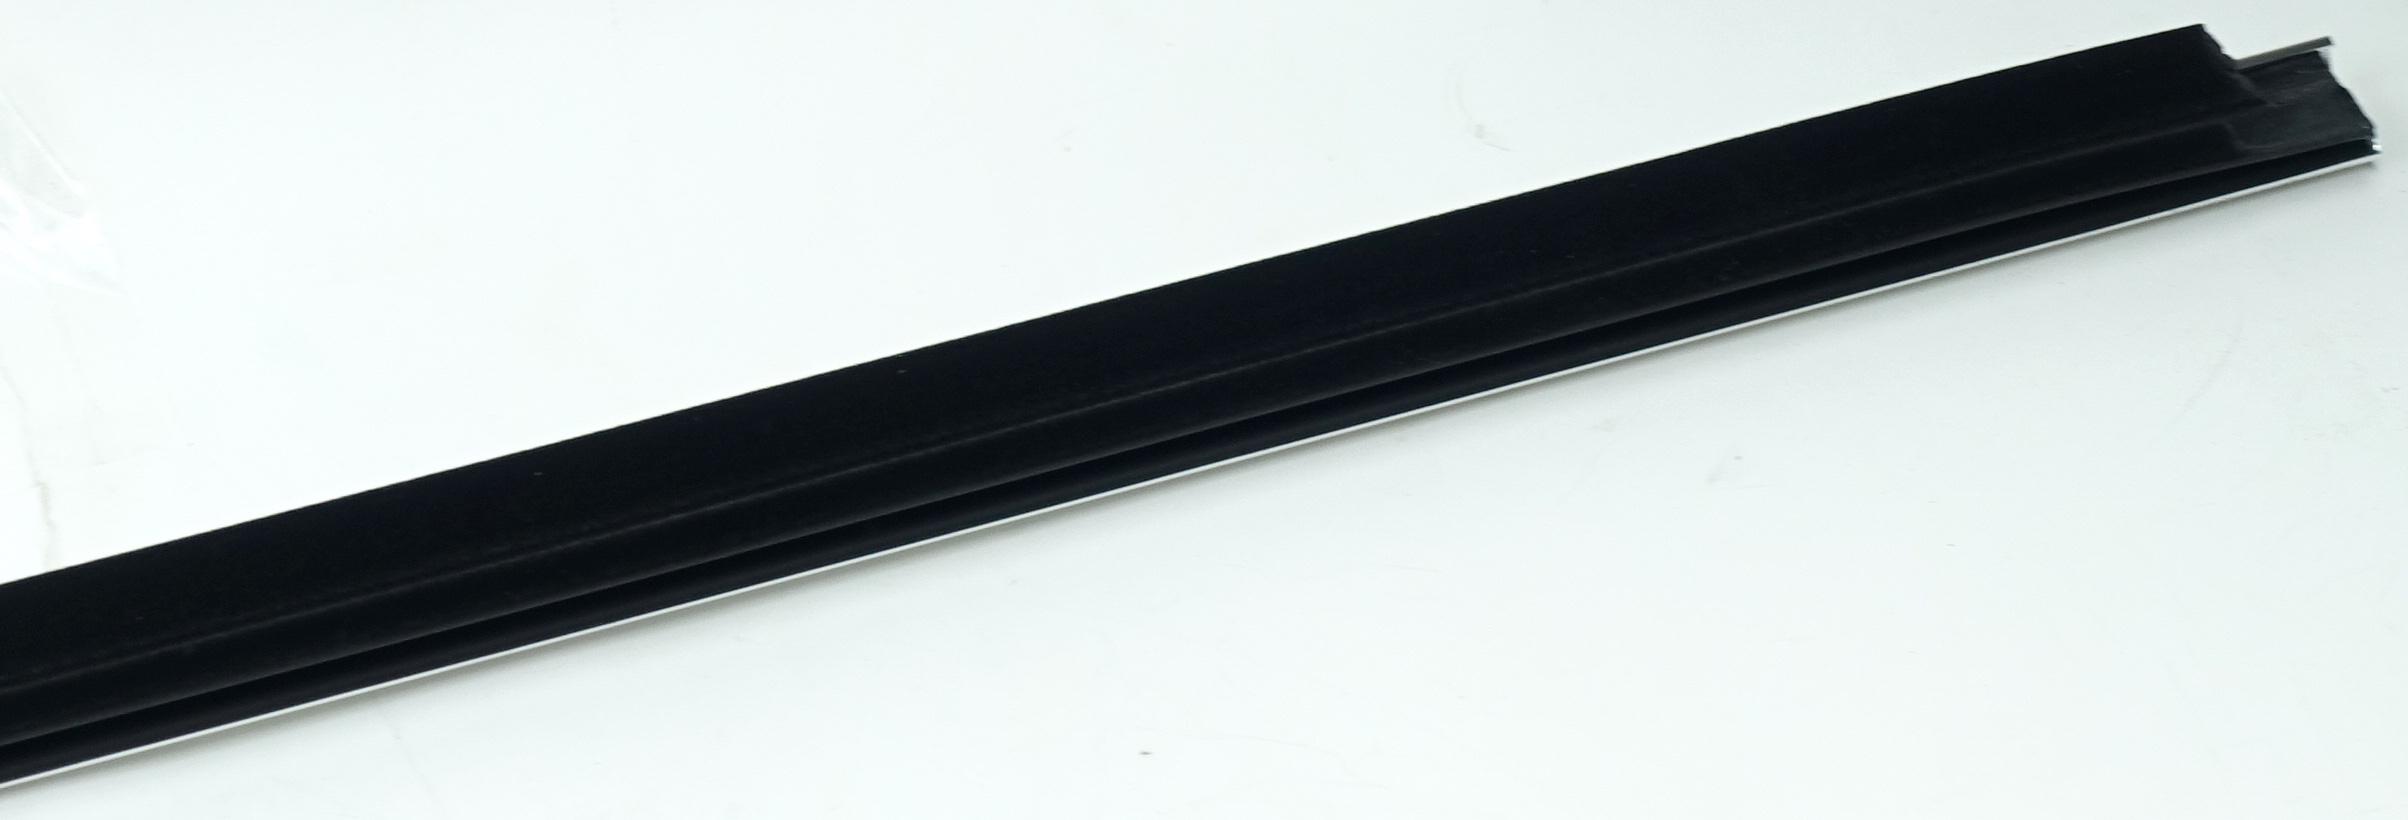 New OEM 95980302 GM Front Door Window Sweep Belt Molding Weatherstrip Left - image 11